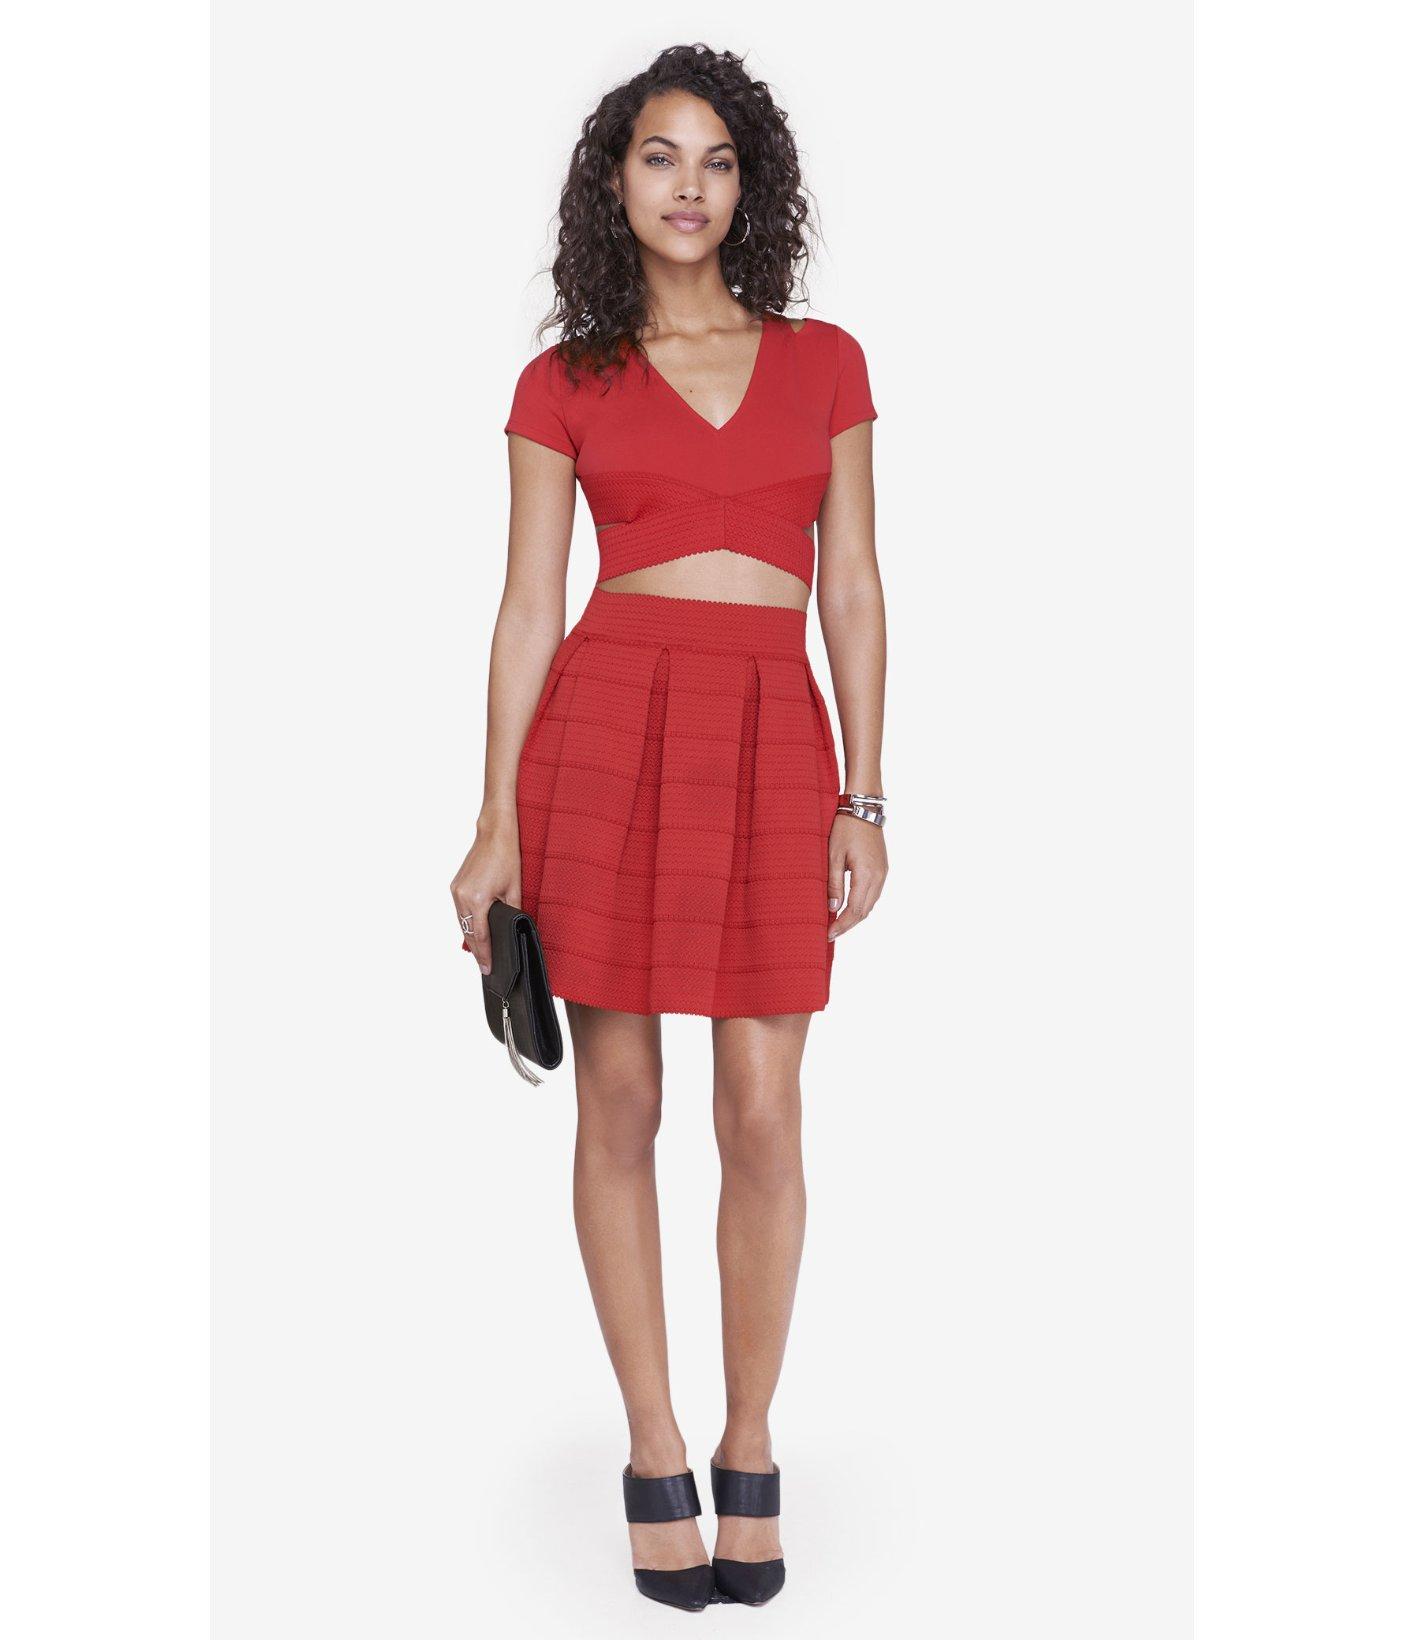 express high waist elastic skirt in